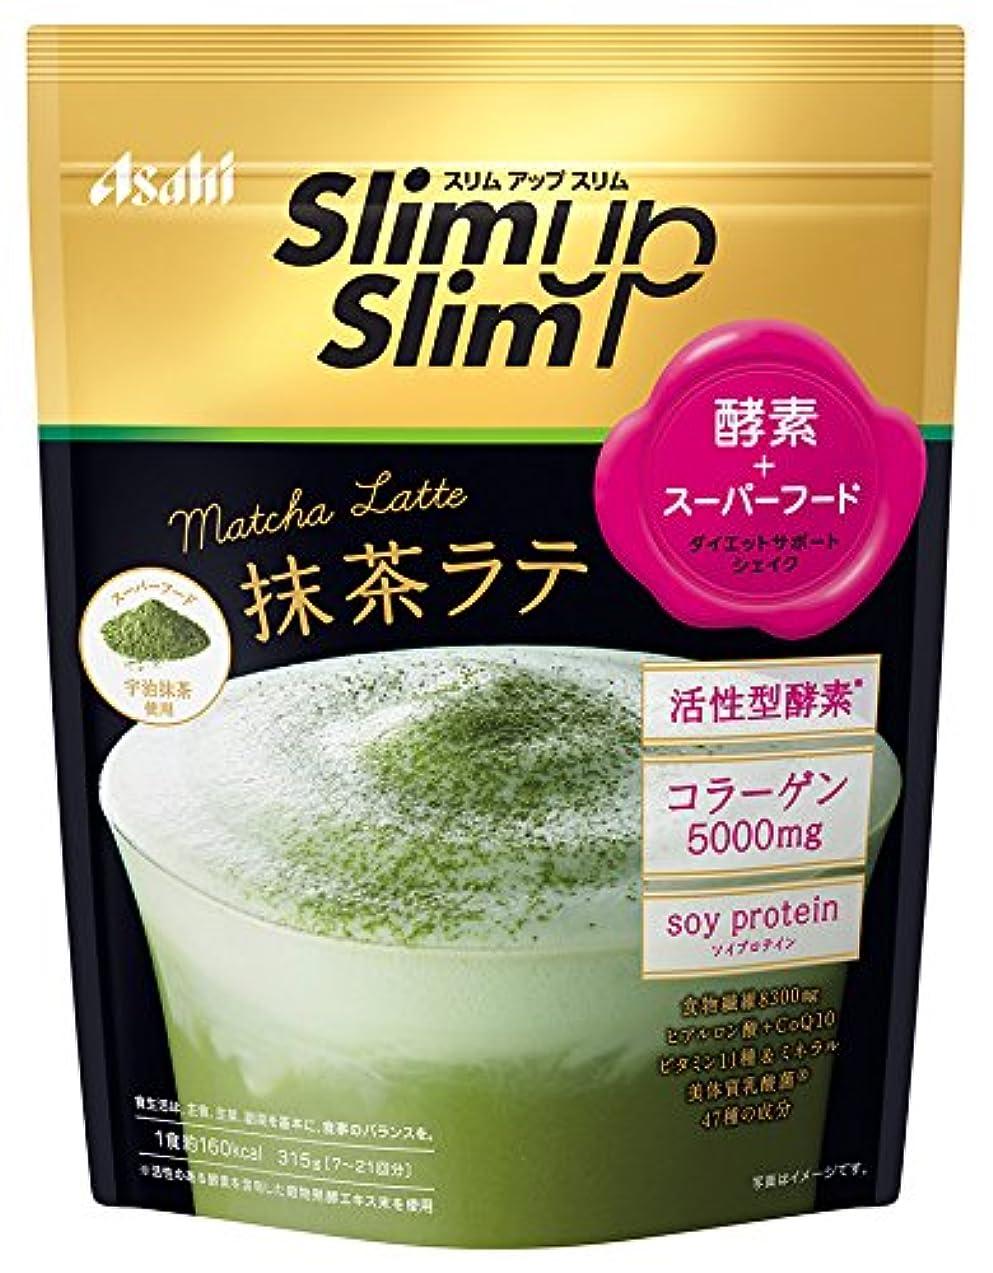 対利点重要な酵素+スーパーフードシェイク 抹茶ラテ315g×6